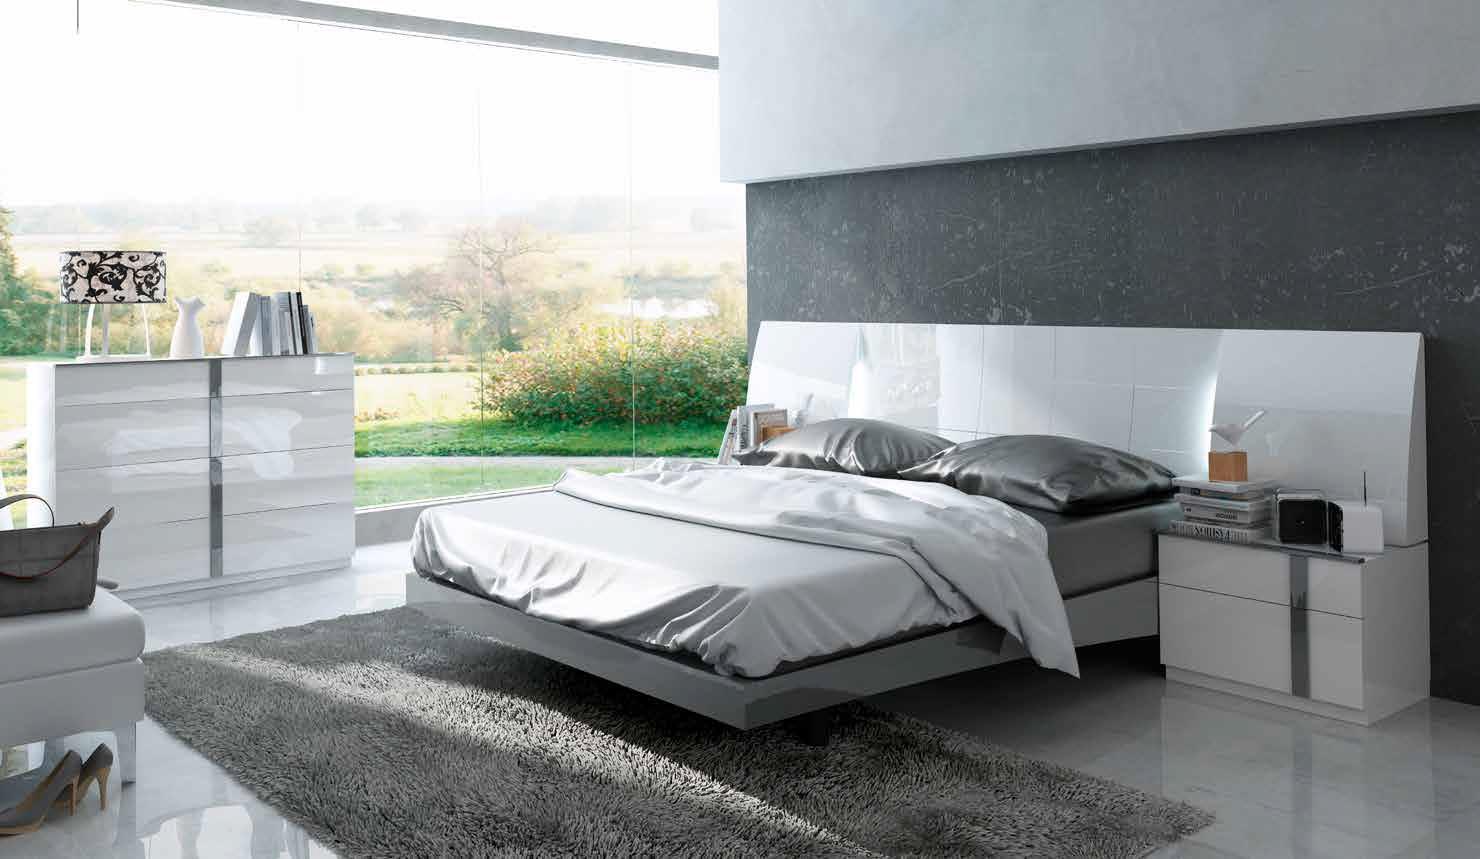 dormitorios-modernos-Vanessa-Dormitorio-muebles-paco-caballero-713-5cf1077280259